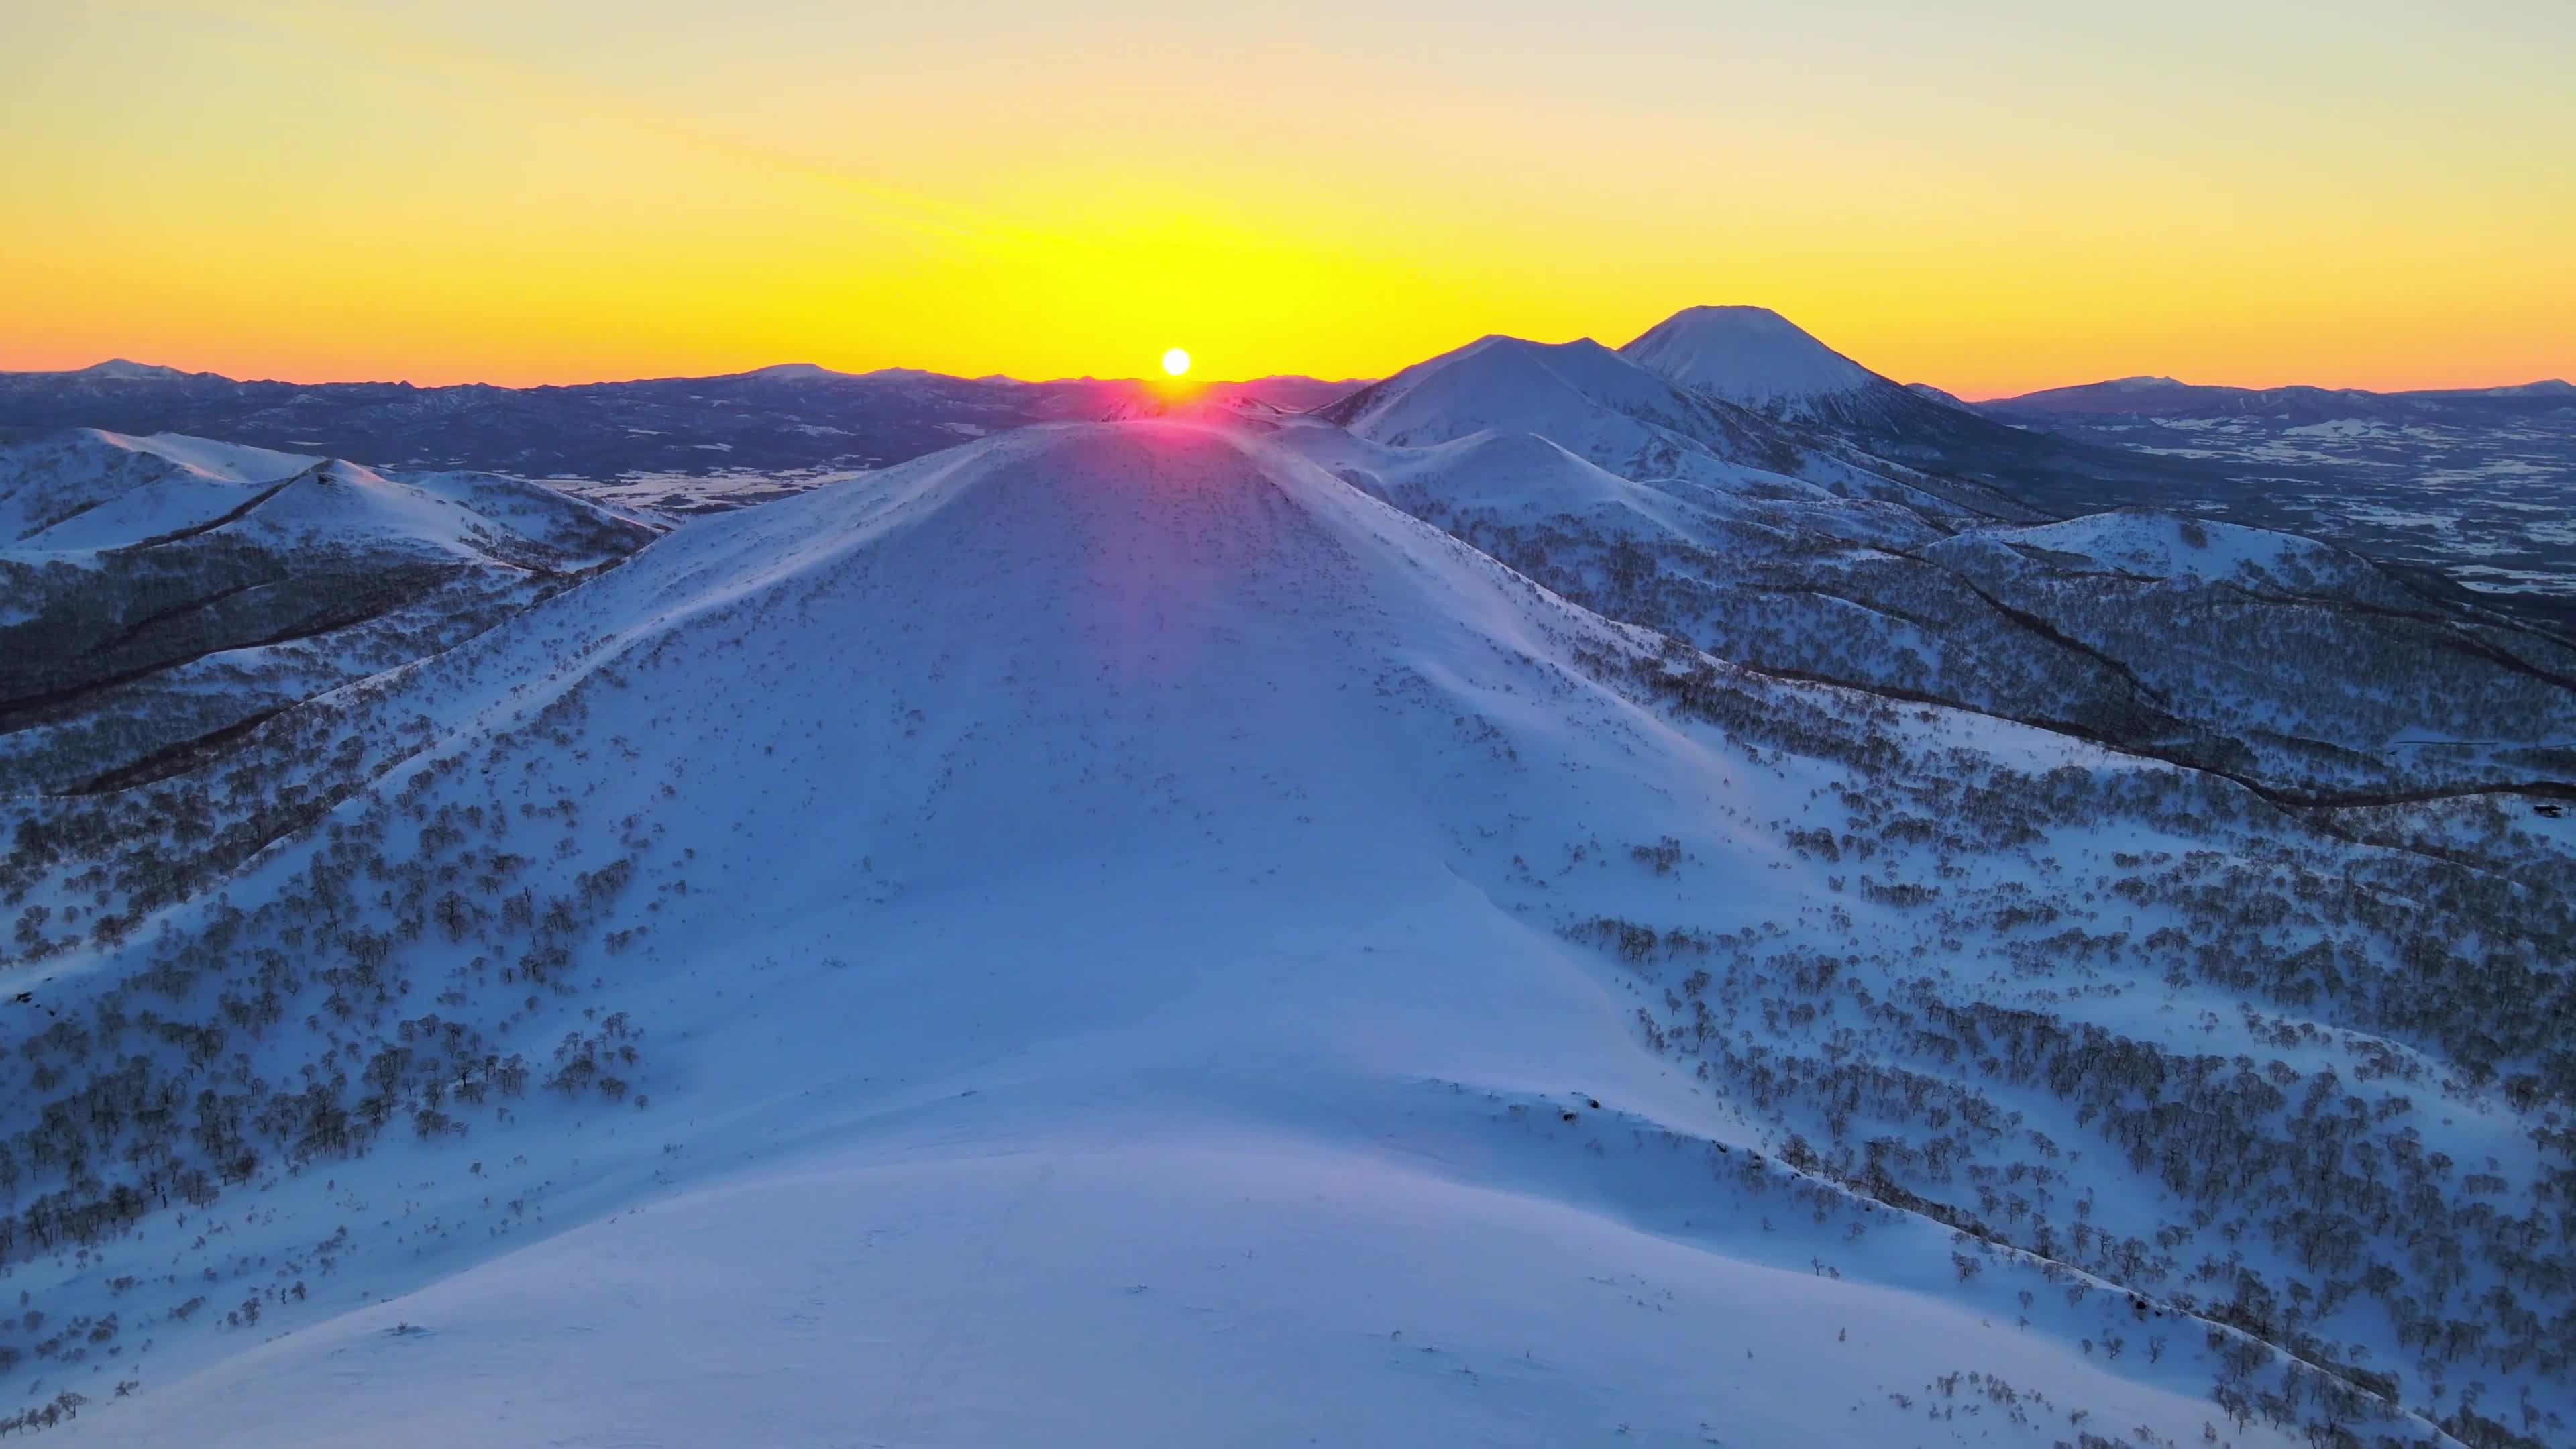 实拍冬季冬天日出暖阳雪景雪山视频素材